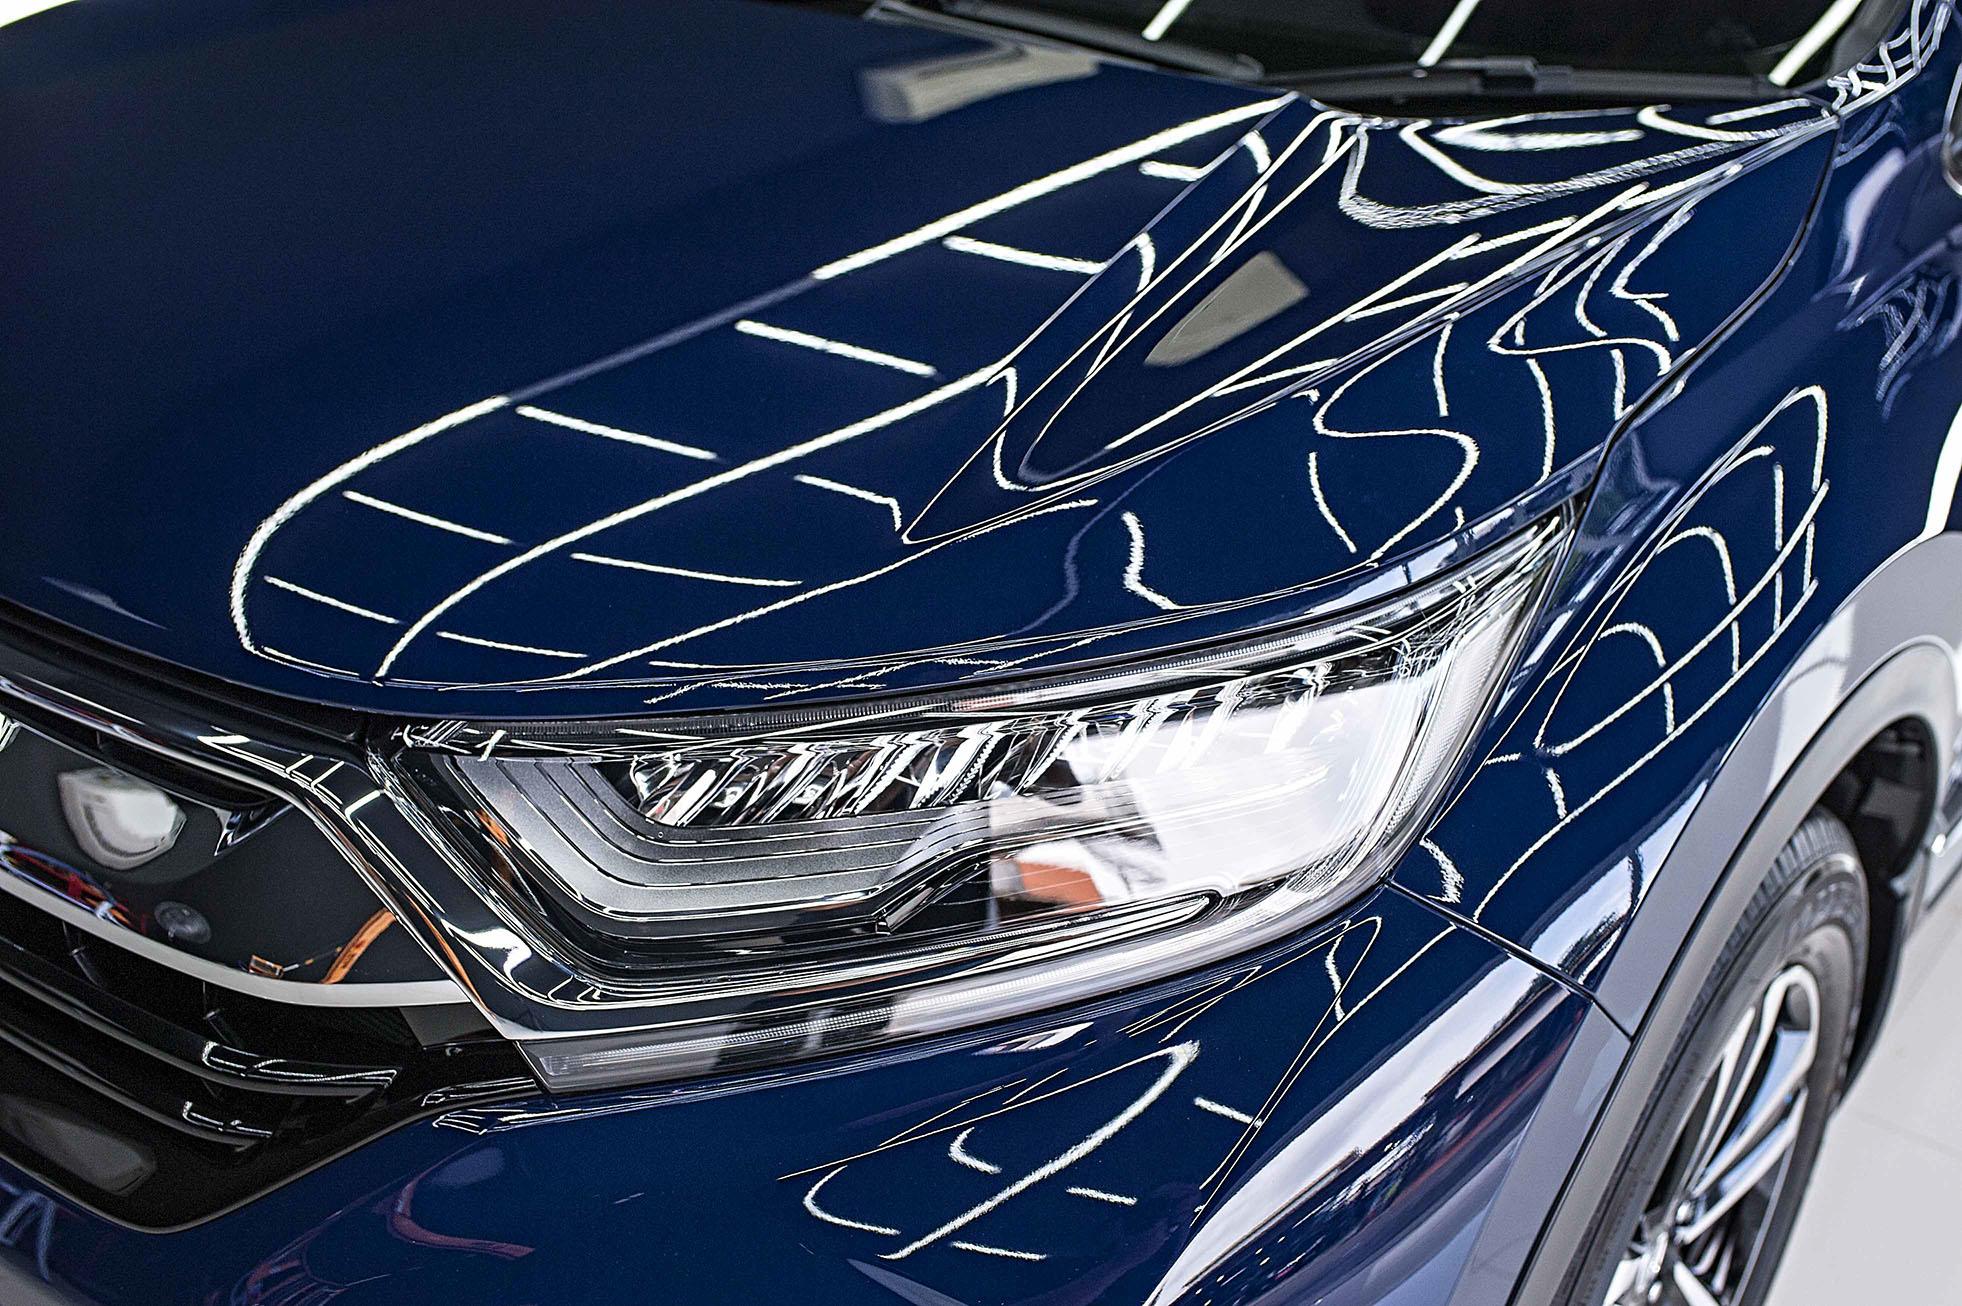 Honda CRV for Cquartz UK 3.0 Ceramic Coating